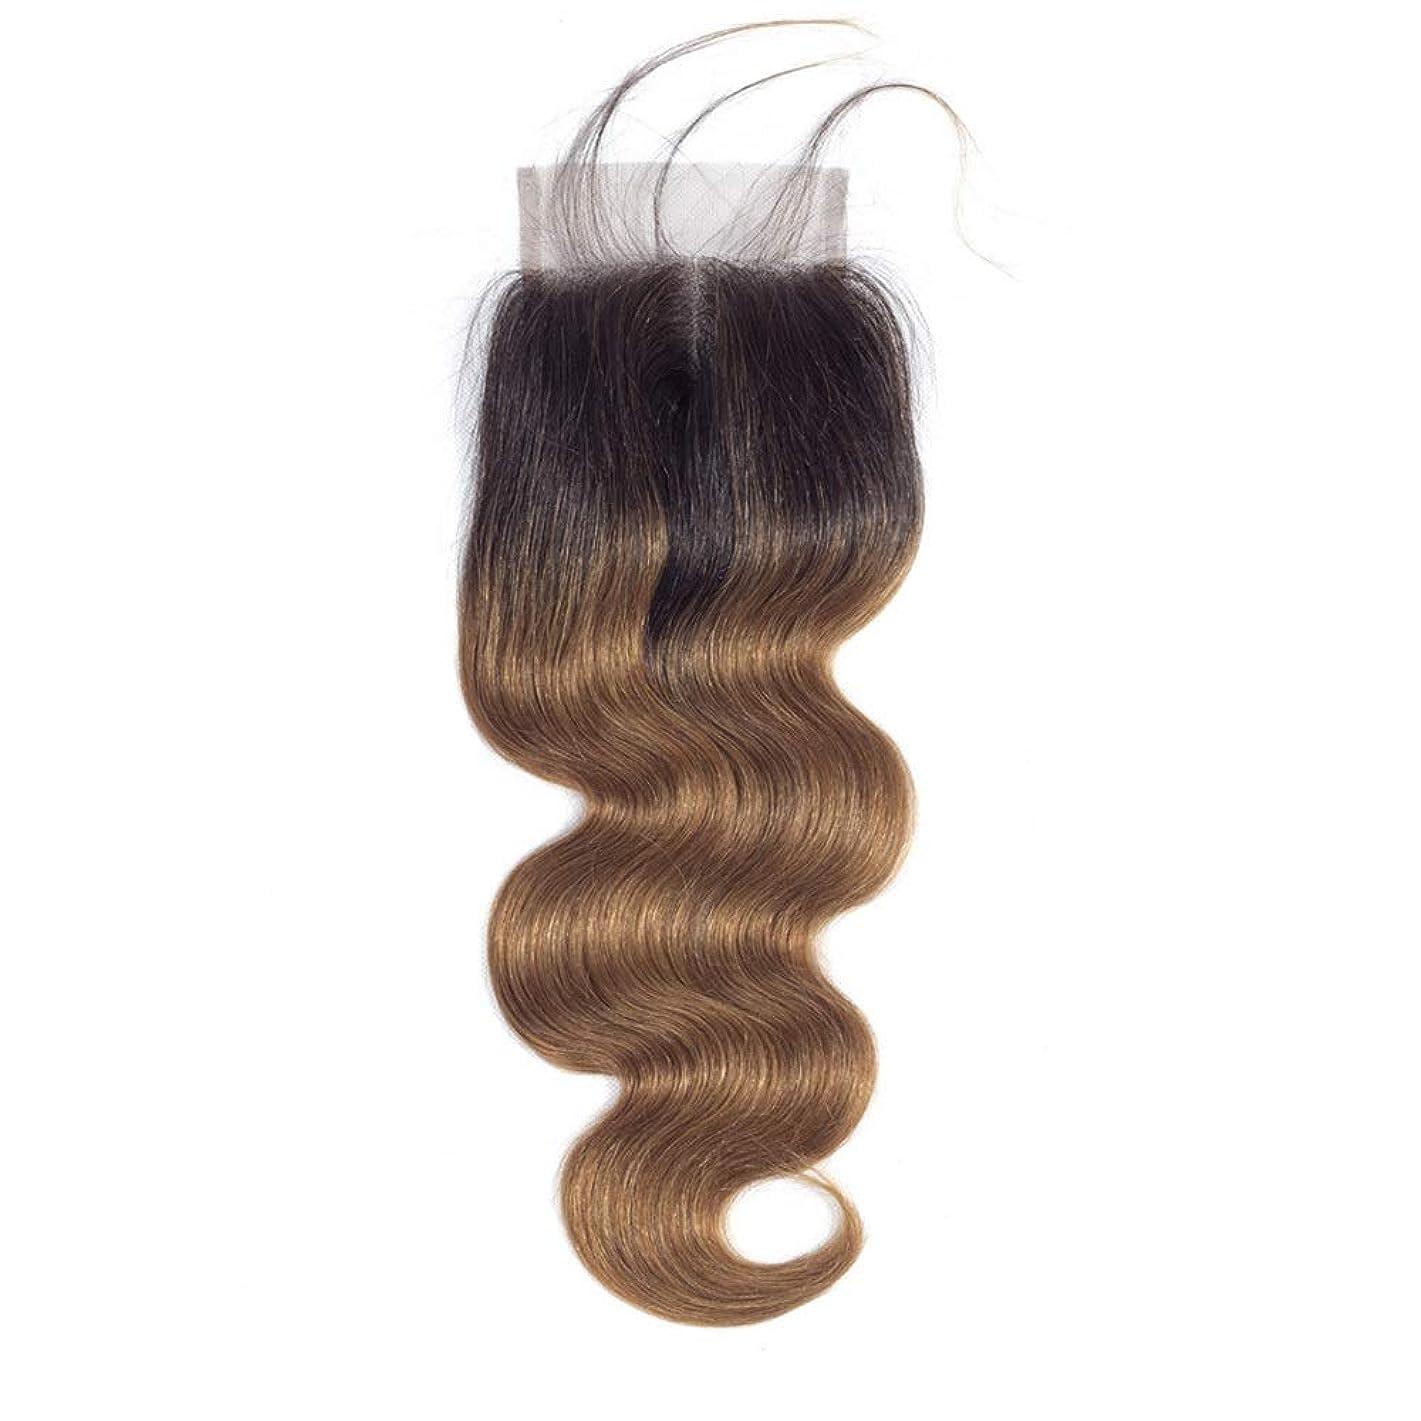 料理程度ラックIsikawan 黒から茶色の2トーンカラーヘアエクステンションボディウェーブヘア4×4人間の髪の毛の閉鎖中間部1B / 30 (色 : ブラウン, サイズ : 8 inch)